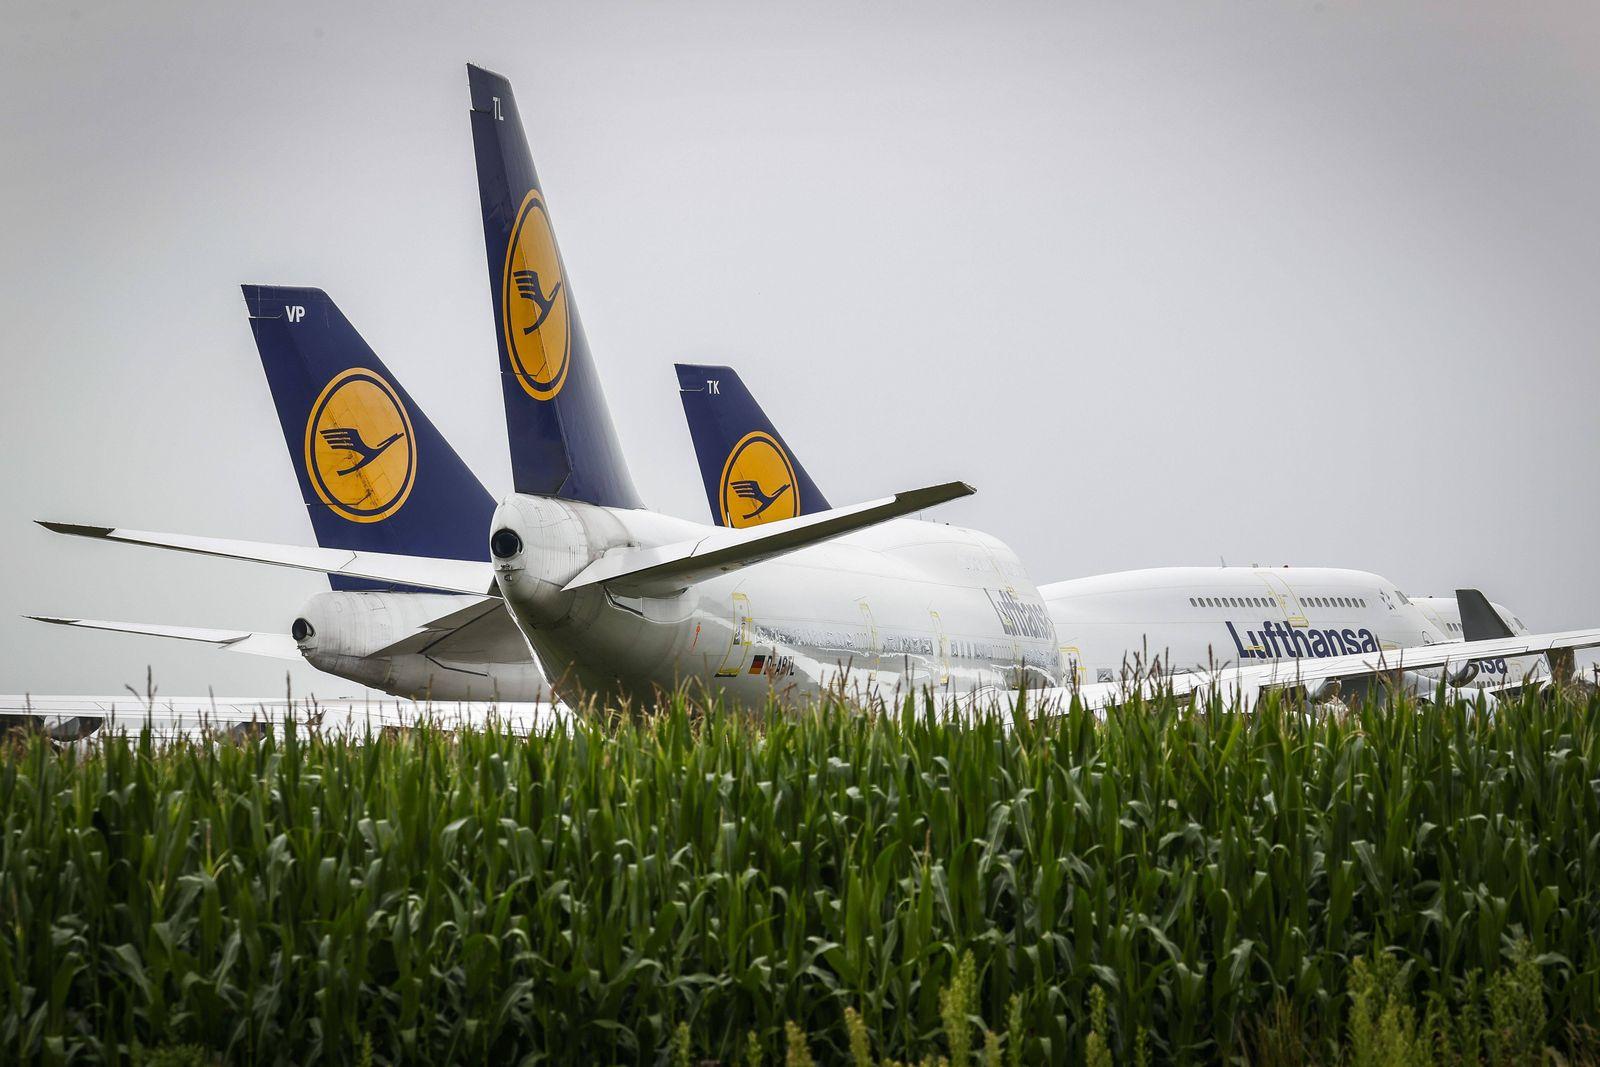 Niederlande, 747-400 der Lufthansa am Flughafen in Twente ENSCHEDE - De geparkeerde Boeing 747s van Lufthansa op Twente